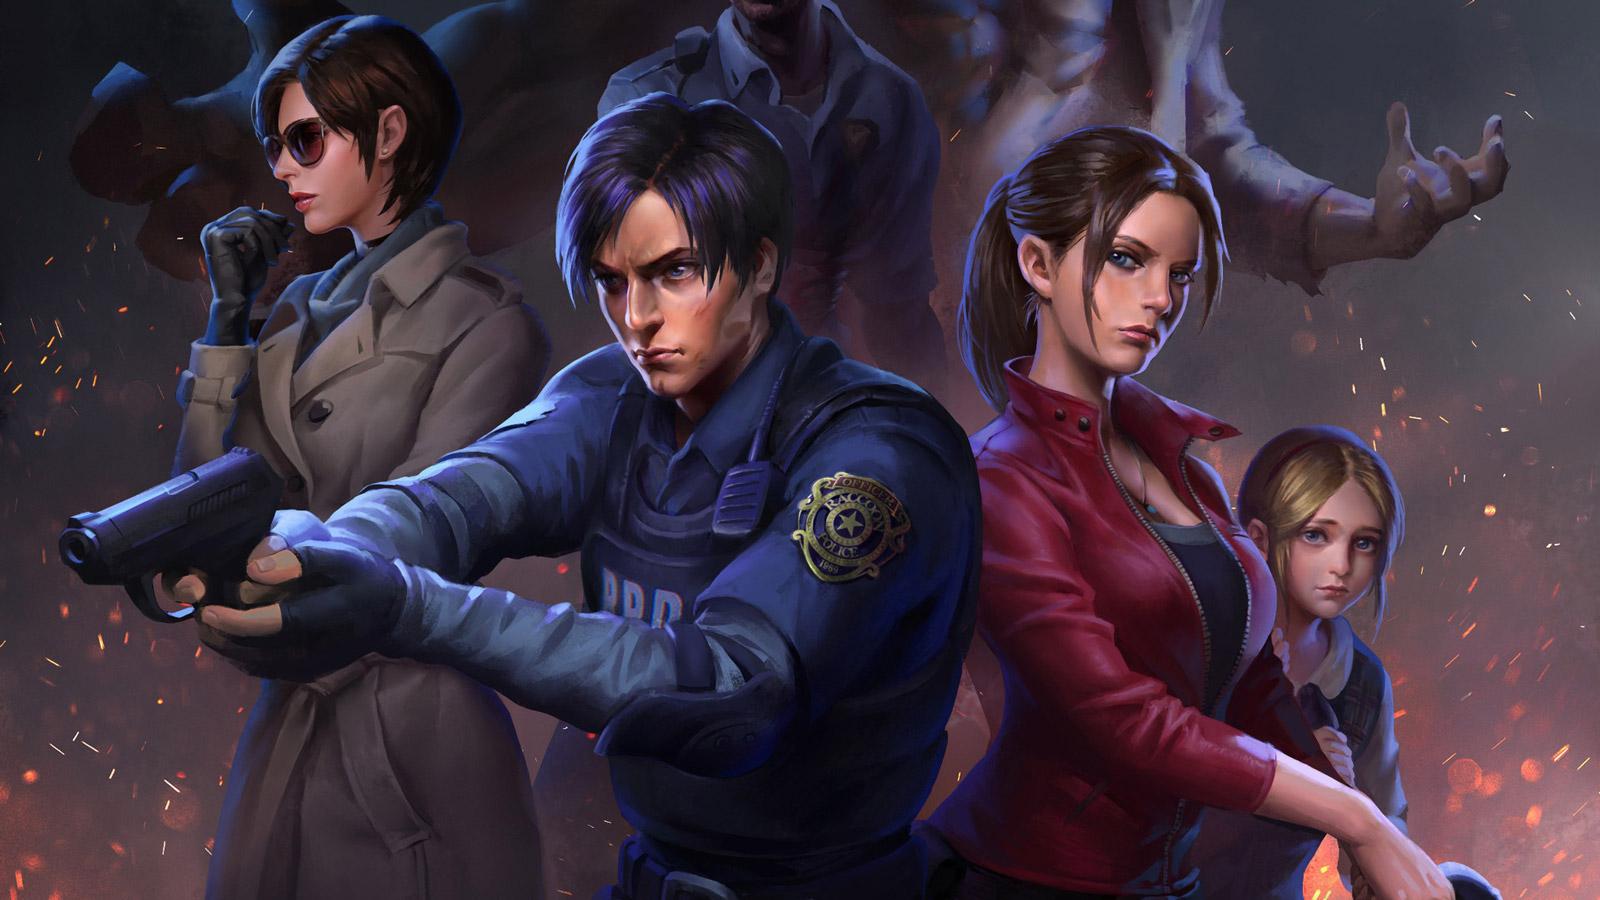 Free Resident Evil 2 Wallpaper in 1600x900